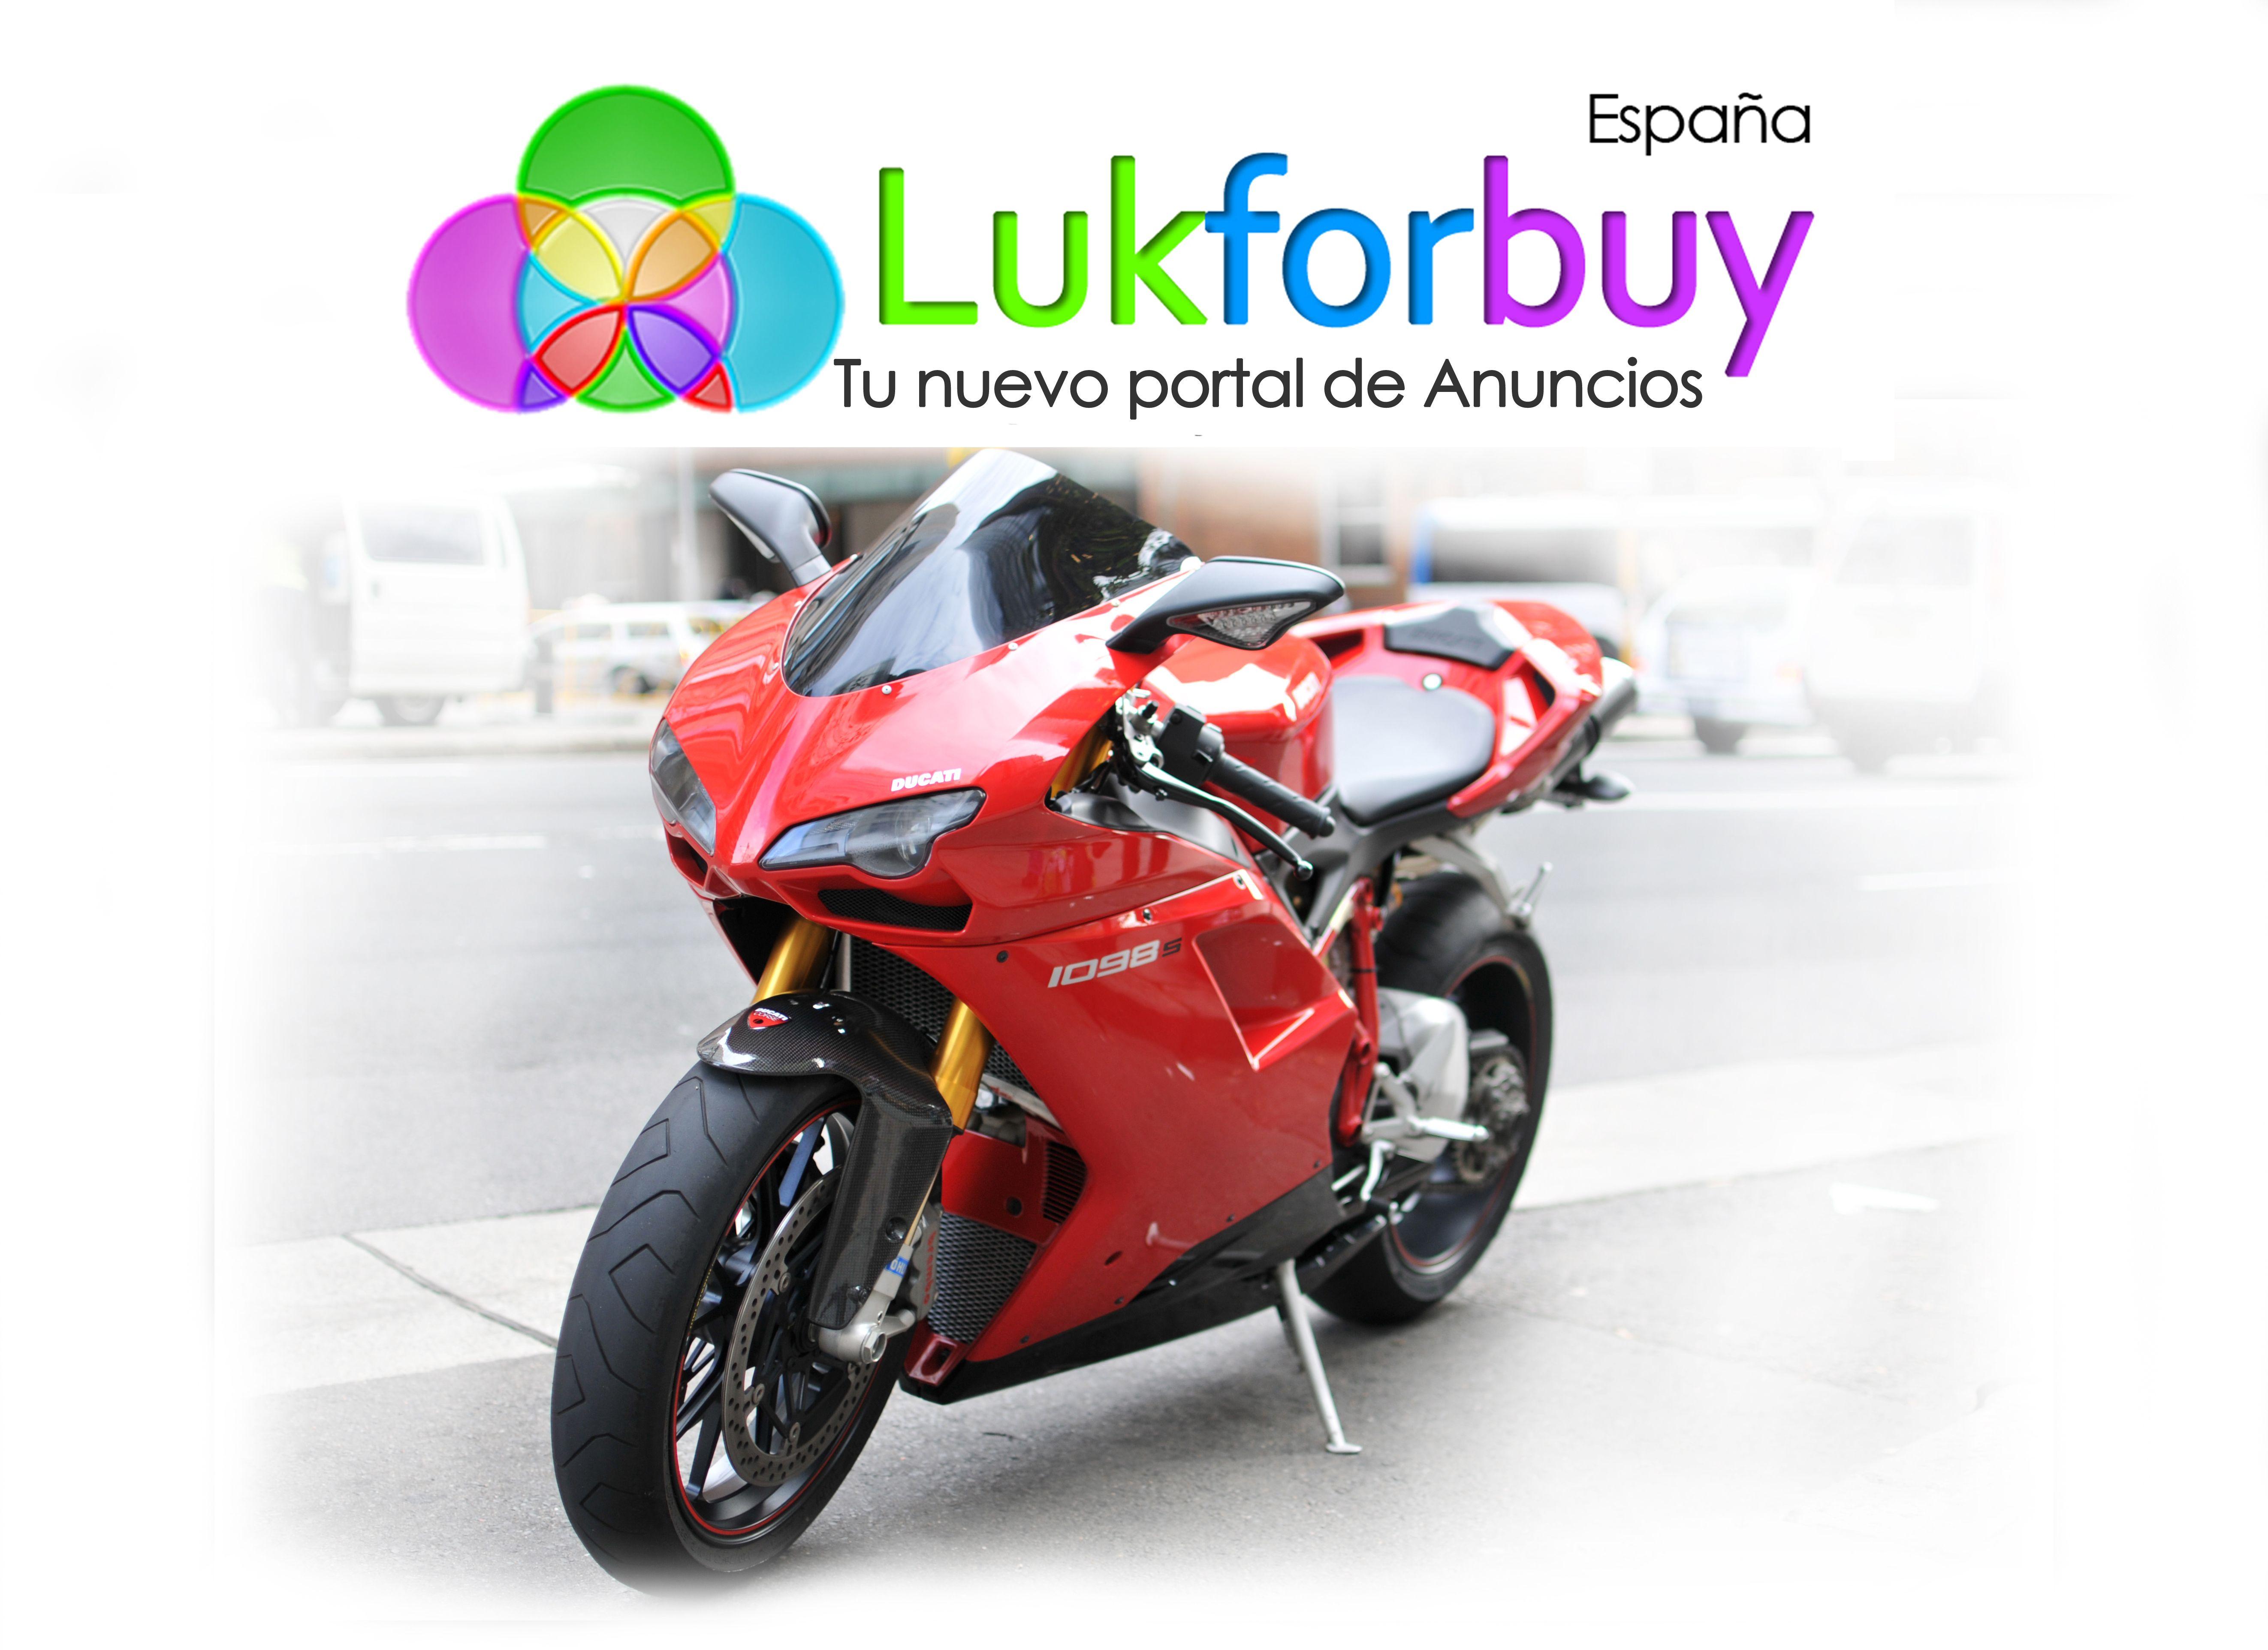 Lukforbuy Motos ,podrás vender y comprar al nivel que tu decidas , Lukforbuy tu nueva herramienta para vender y comprar, con estilo como el gran estilo de esta DUCATI